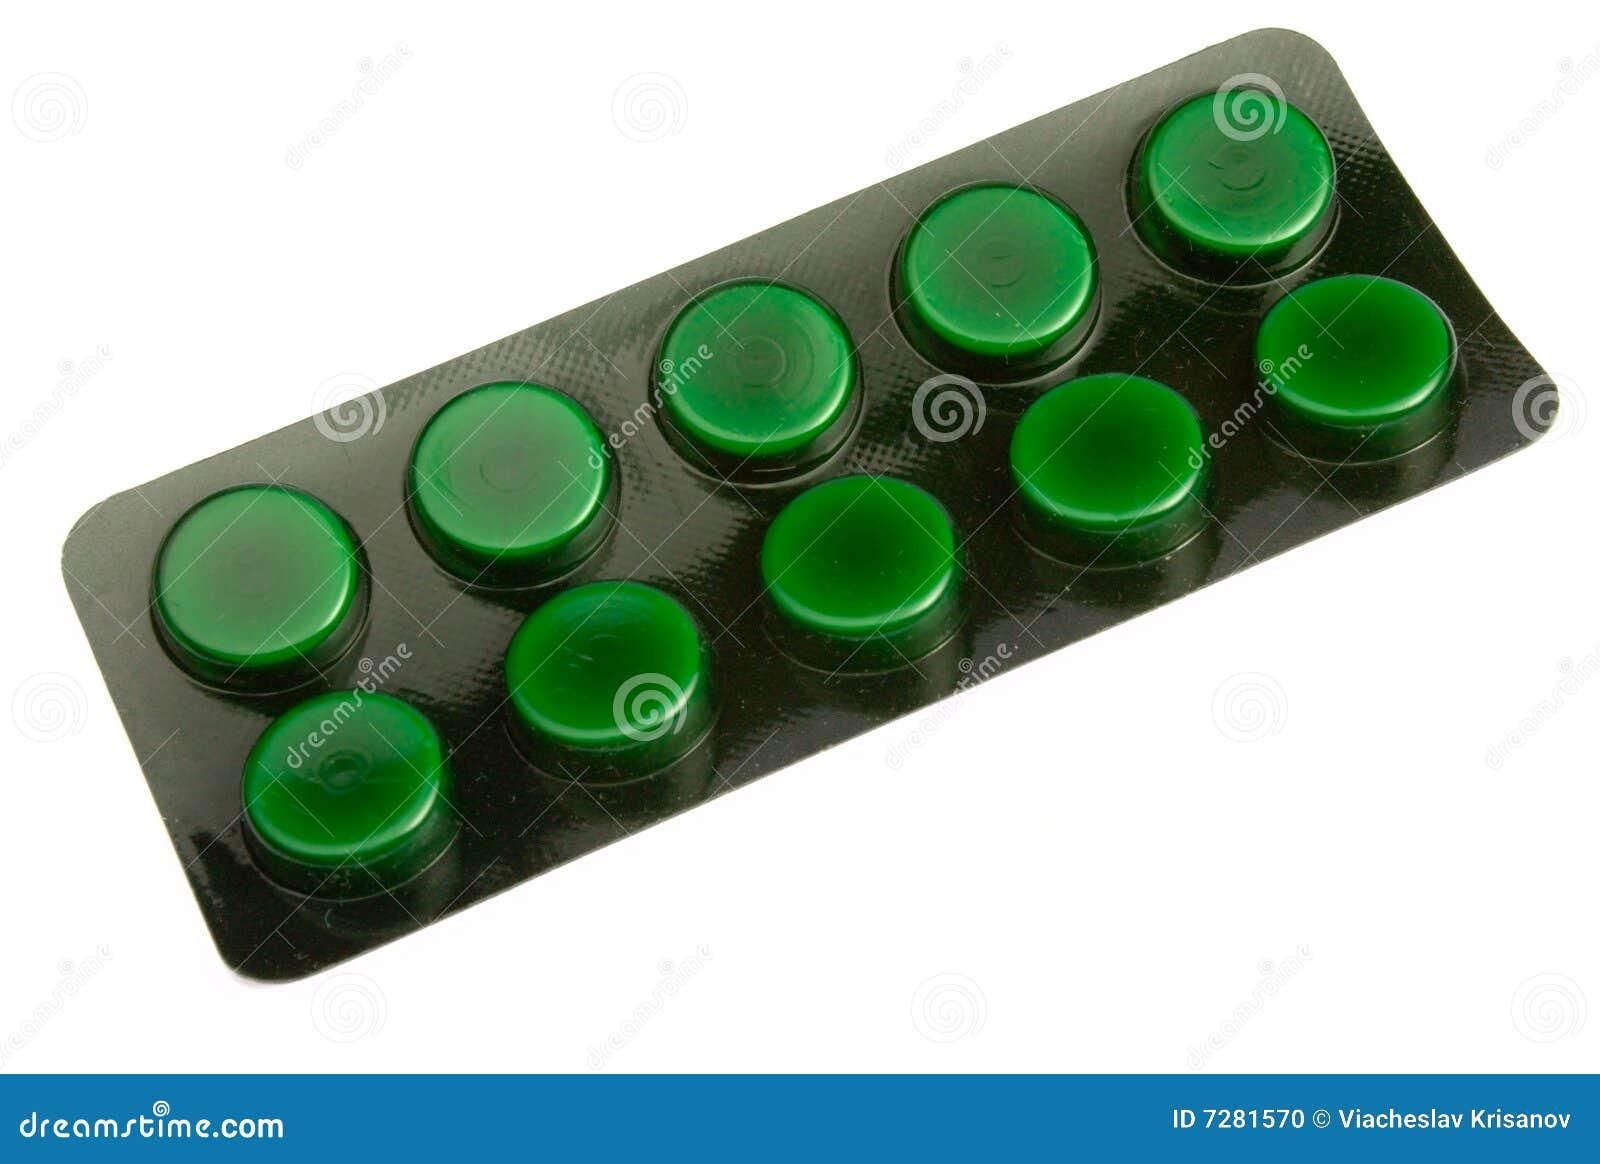 Embalaje verde de tablillas